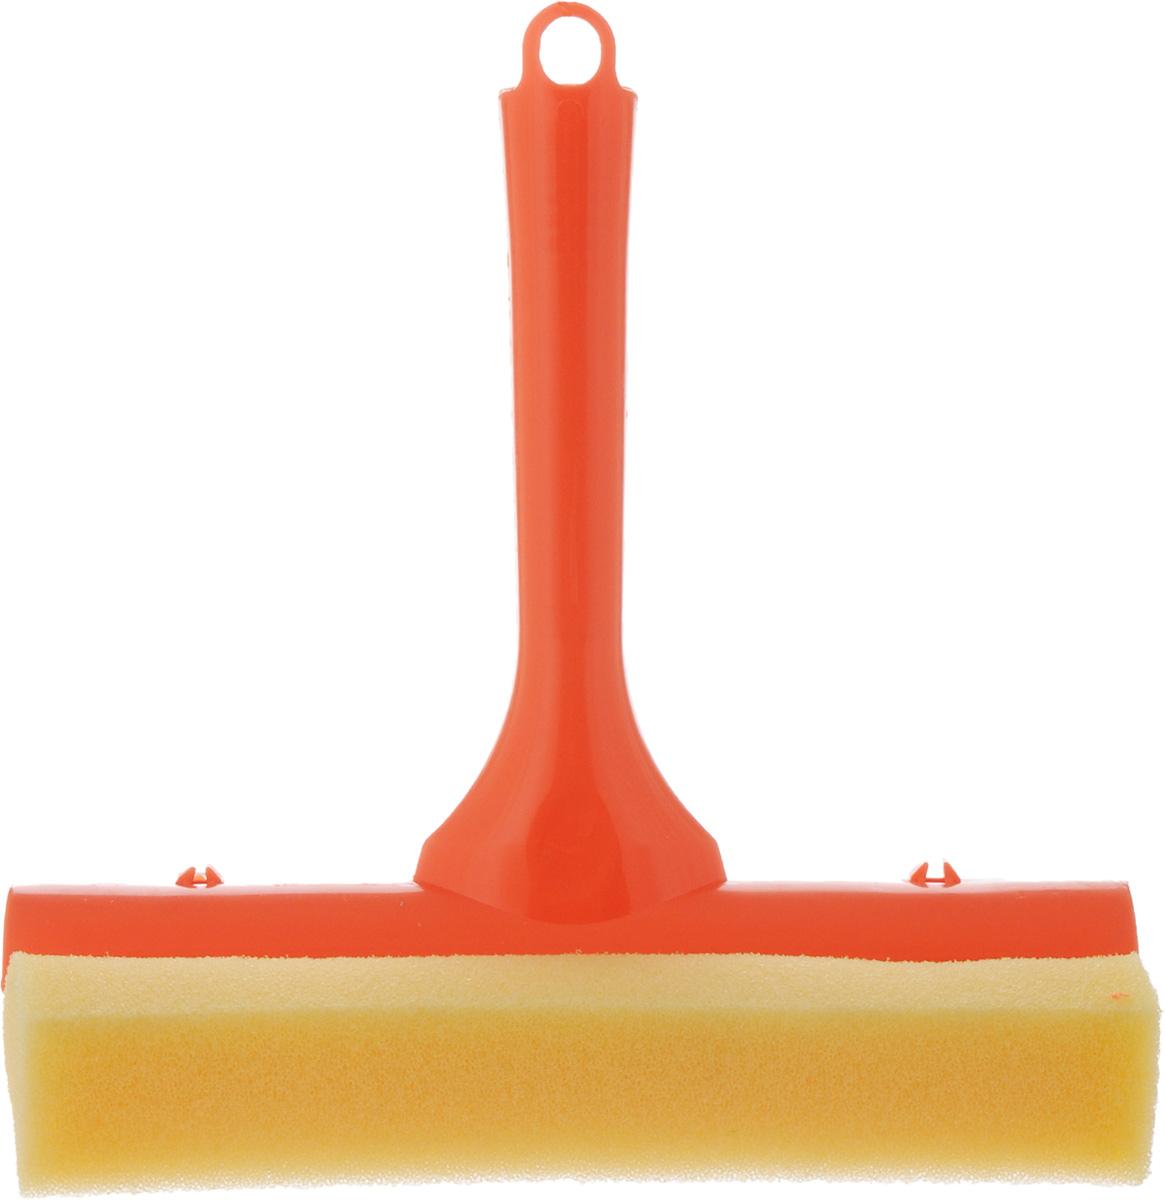 Стеклоочиститель York, с водосгоном, цвет: оранжевый, 19,5 см8401_оранжевыйСтеклоочиститель York, выполненный из сложных полимеров, поролона и резины, станет незаменимым помощником при уборке. Он стирает жидкость со стекла благодаря мягкой губке, а для полного вытирания имеется резиновый водосгон. С помощью регулируемого лезвия стеклоочистителя можно подобрать необходимую длину. Длина ручки: 16 см. Ширина рабочей поверхности: 19,5 см.